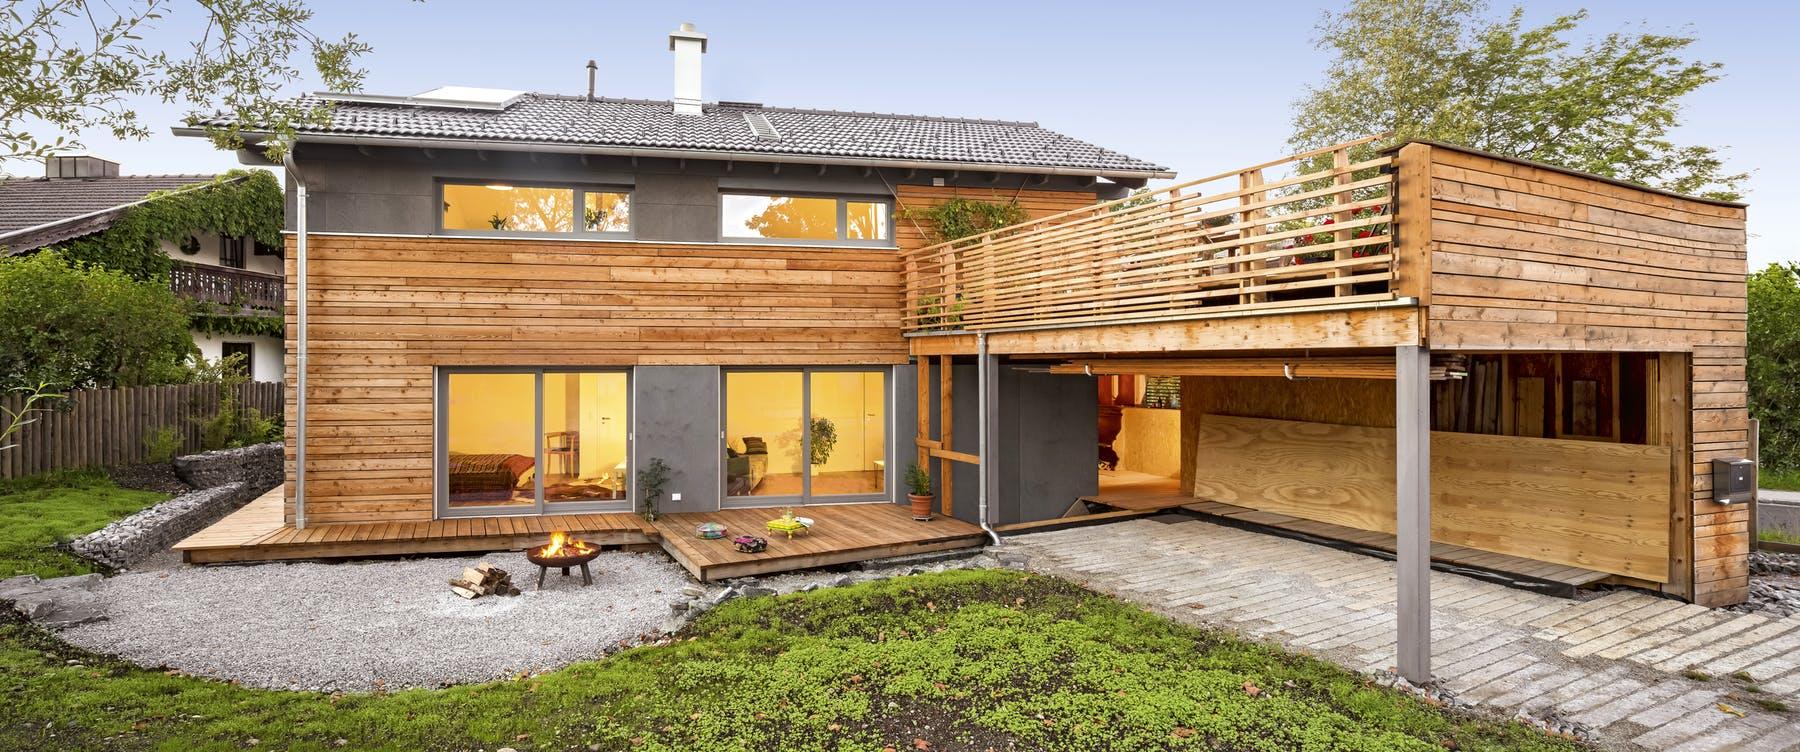 Sehr Ein Haus mit Terrasse planen & bauen - Häuser & Infos | Fertighaus.de LK66